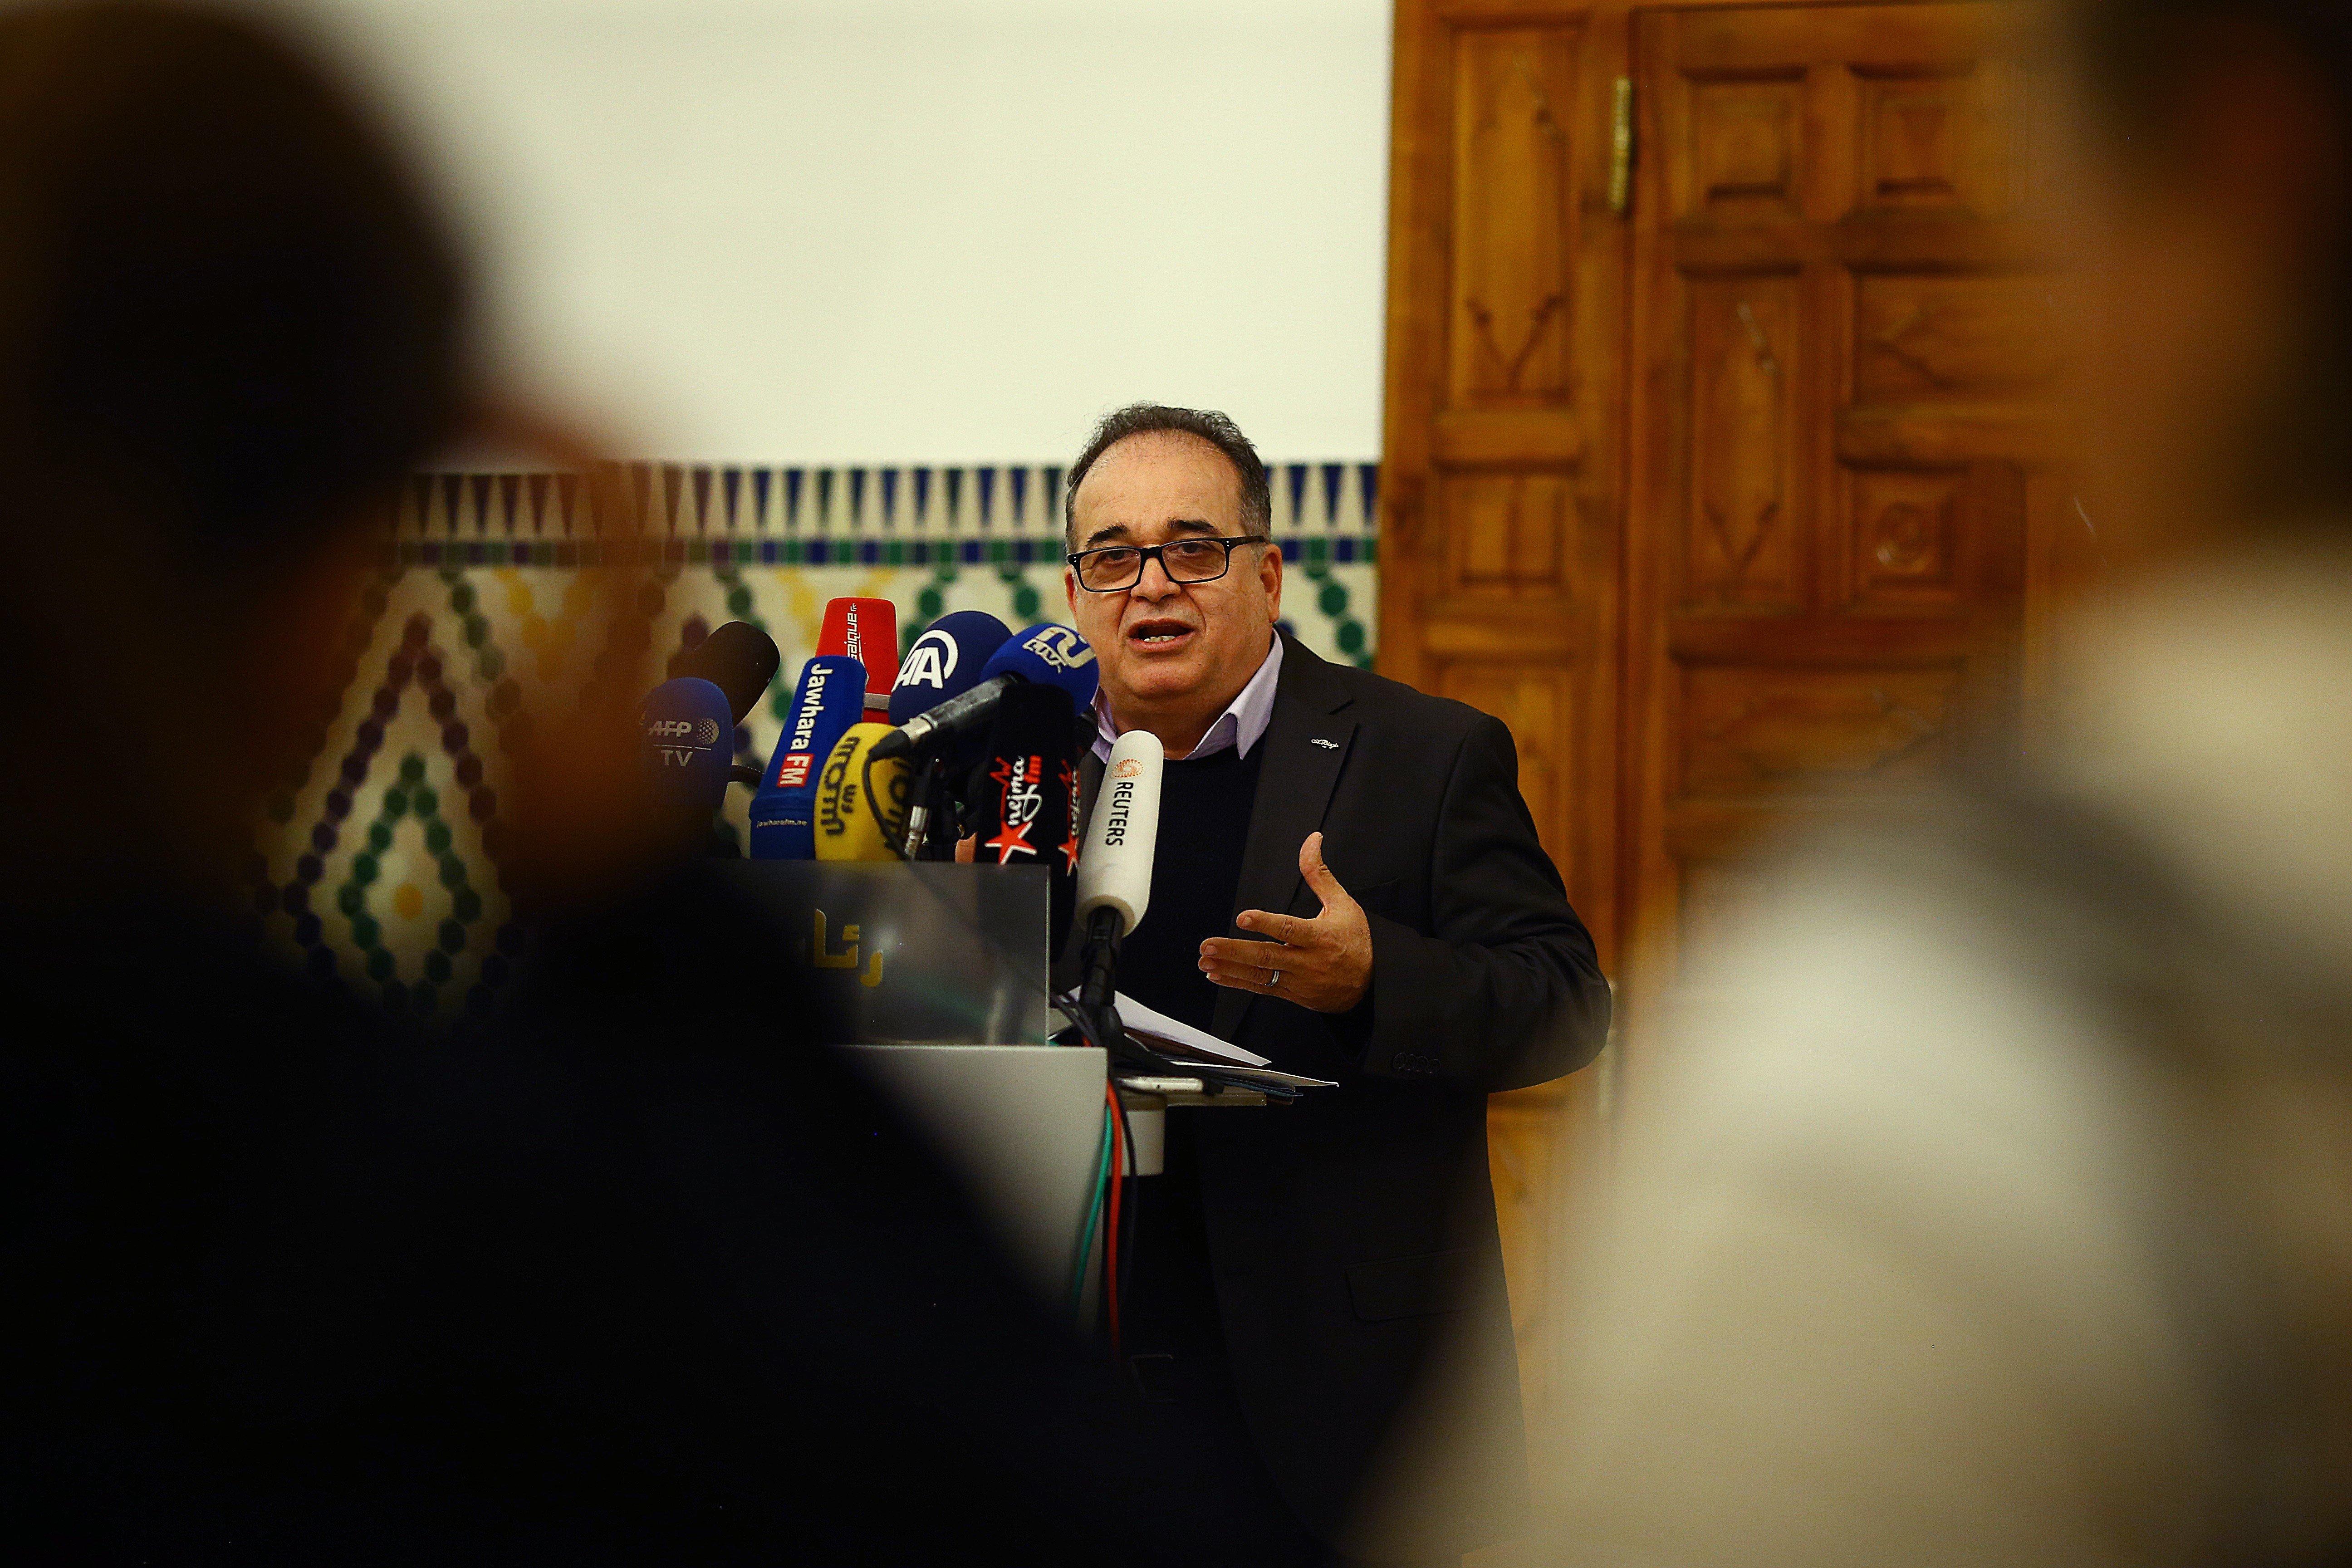 Grève de la fonction publique: Le gouvernement ne fera pas de nouvelles propositions à l'UGTT affirme le ministre des Affaire...